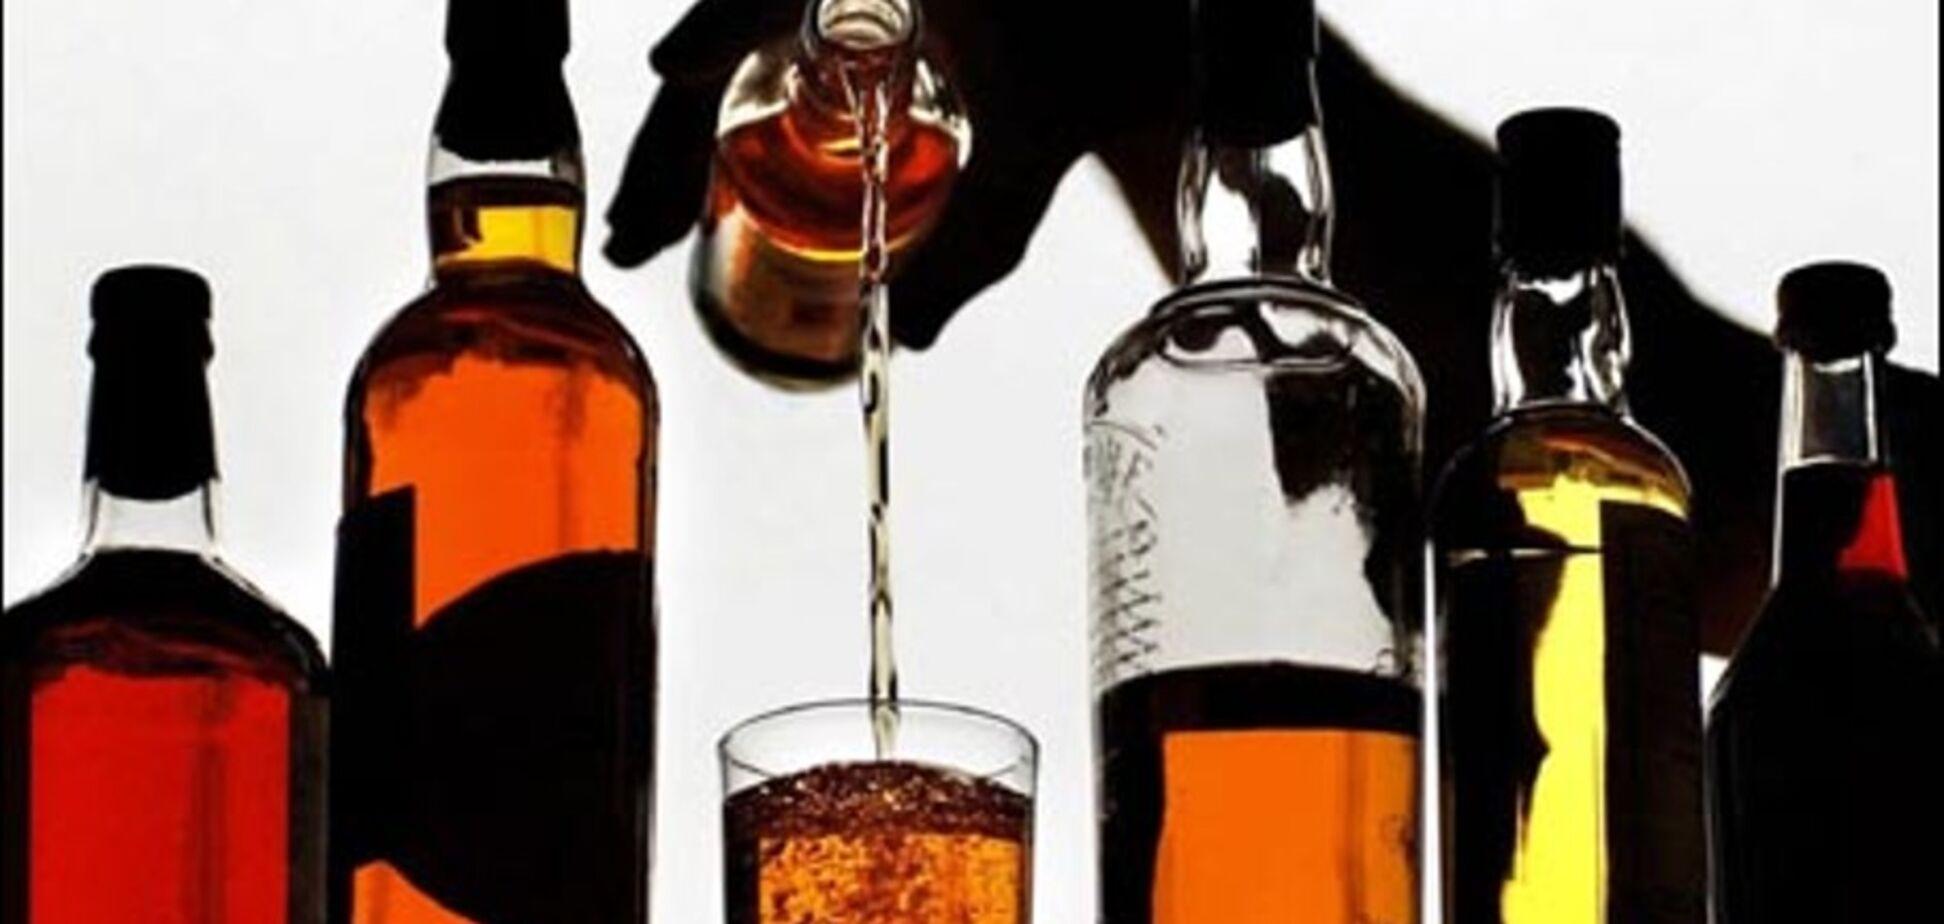 Как распознать поддельный алкоголь: советы эксперта